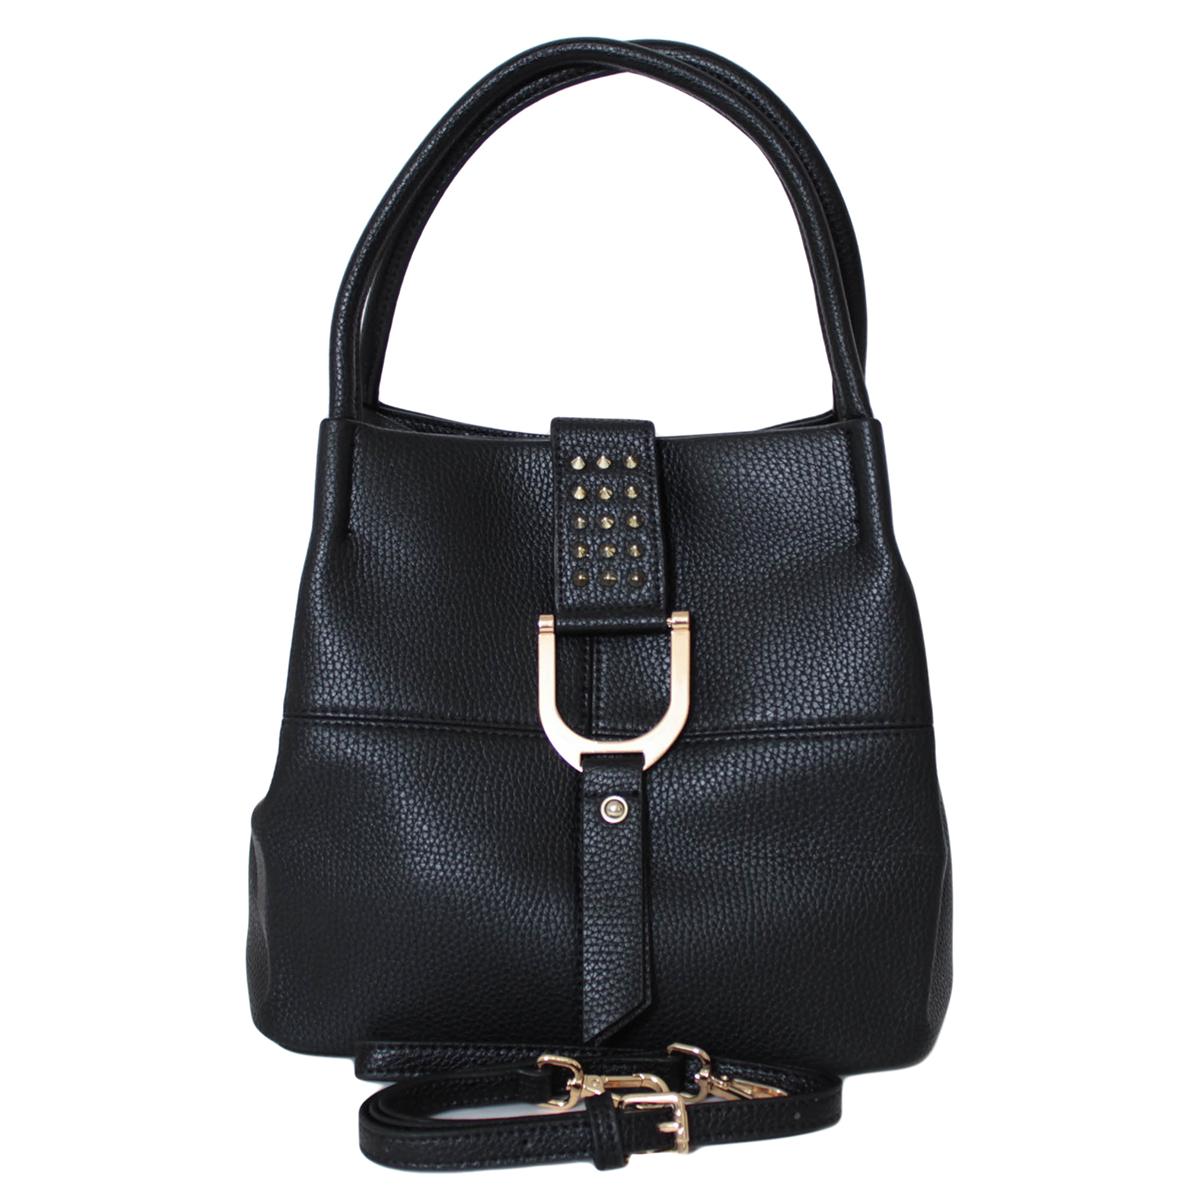 Сумка женская Flioraj, цвет: черный. 00052722L39845800Сумка женская Flioraj закрывается на хлястик и магнитную кнопку. Внутри - одно отделение, один карман на молнии и два открытых кармана кармана. Есть длинный ремень.